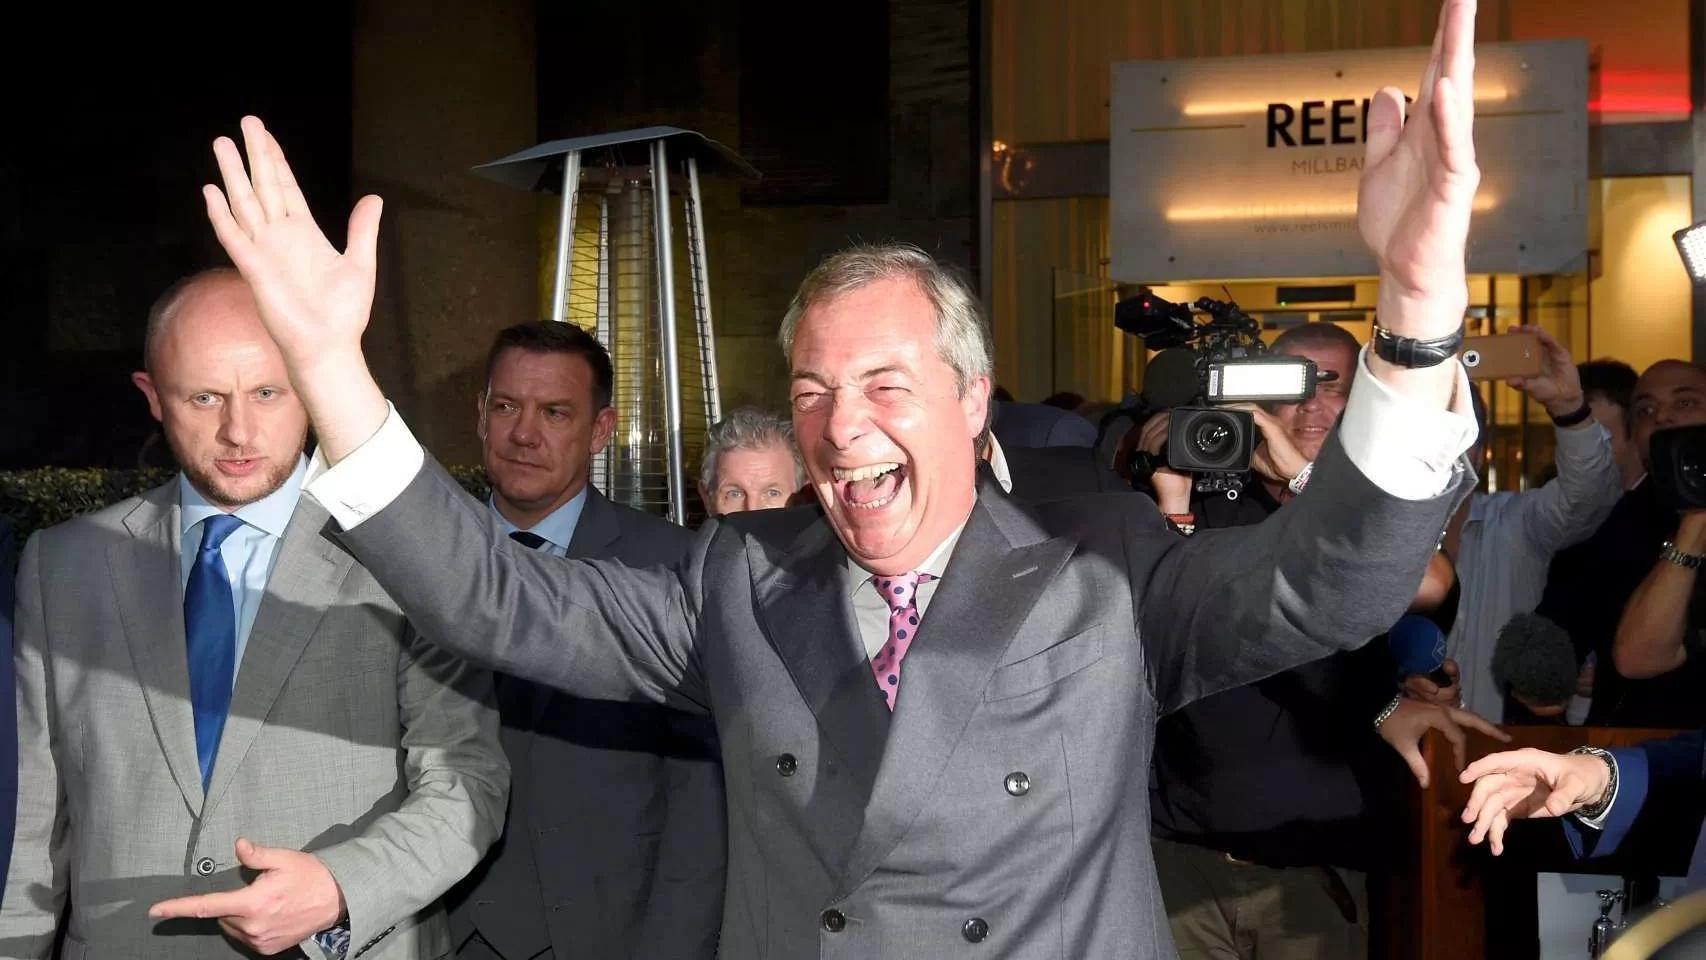 El Reino Unido abandona la Unión Europea tras votar por el SÍ en el referéndum de ayer